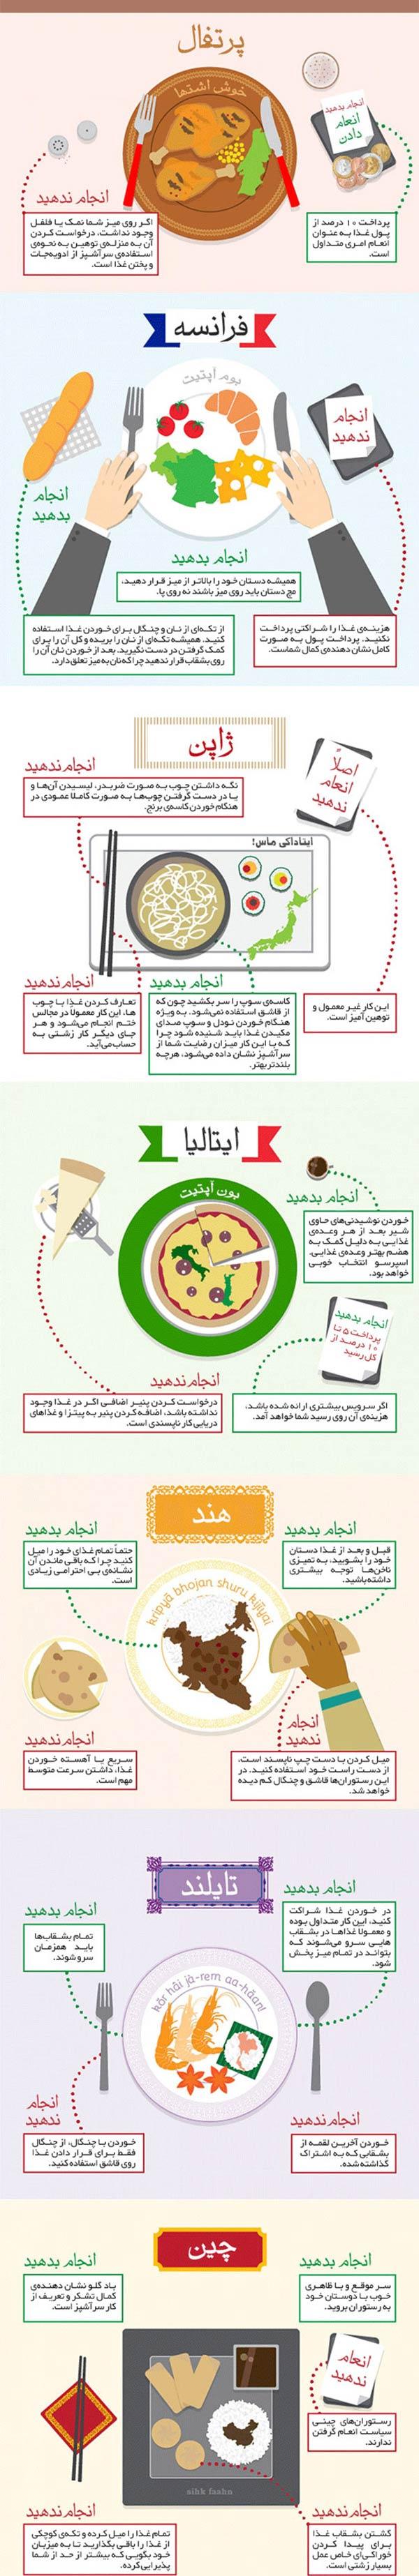 آداب غذا خوردن در کشورهای مختلف دنیا